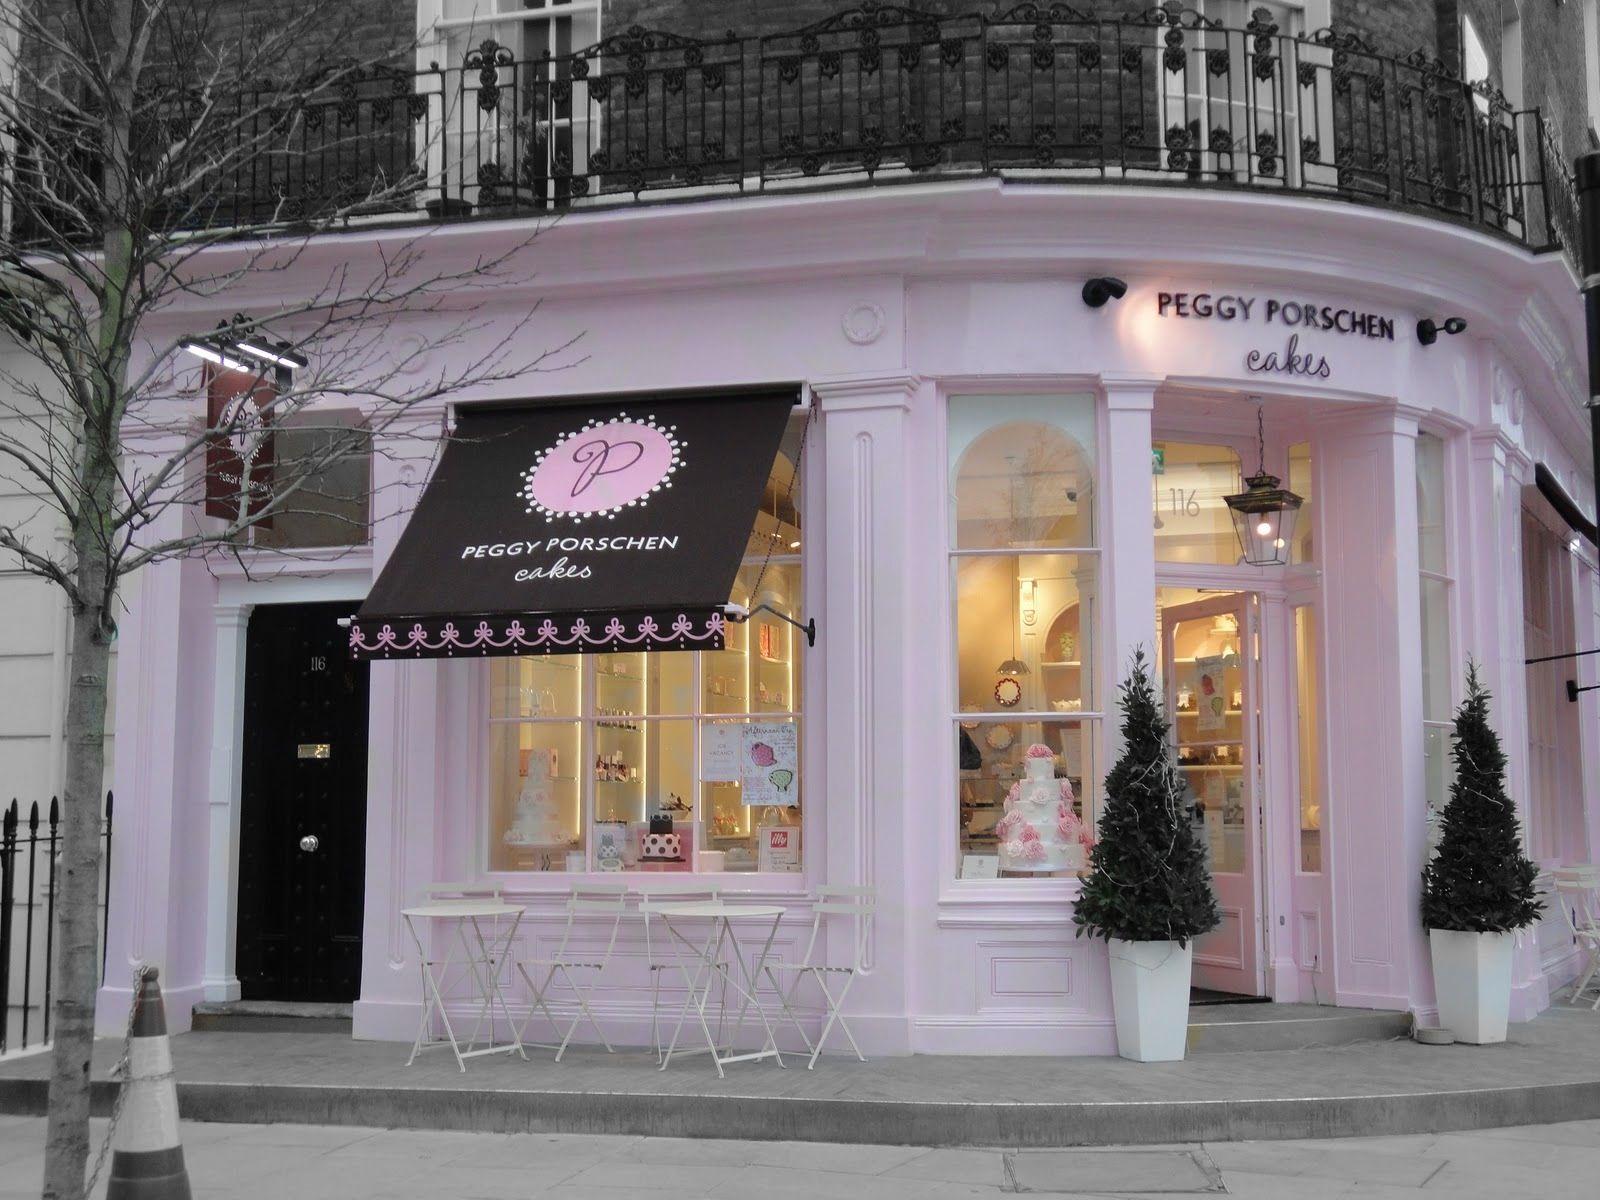 был реальным кафе мороженое фото фасадов также недостатком является